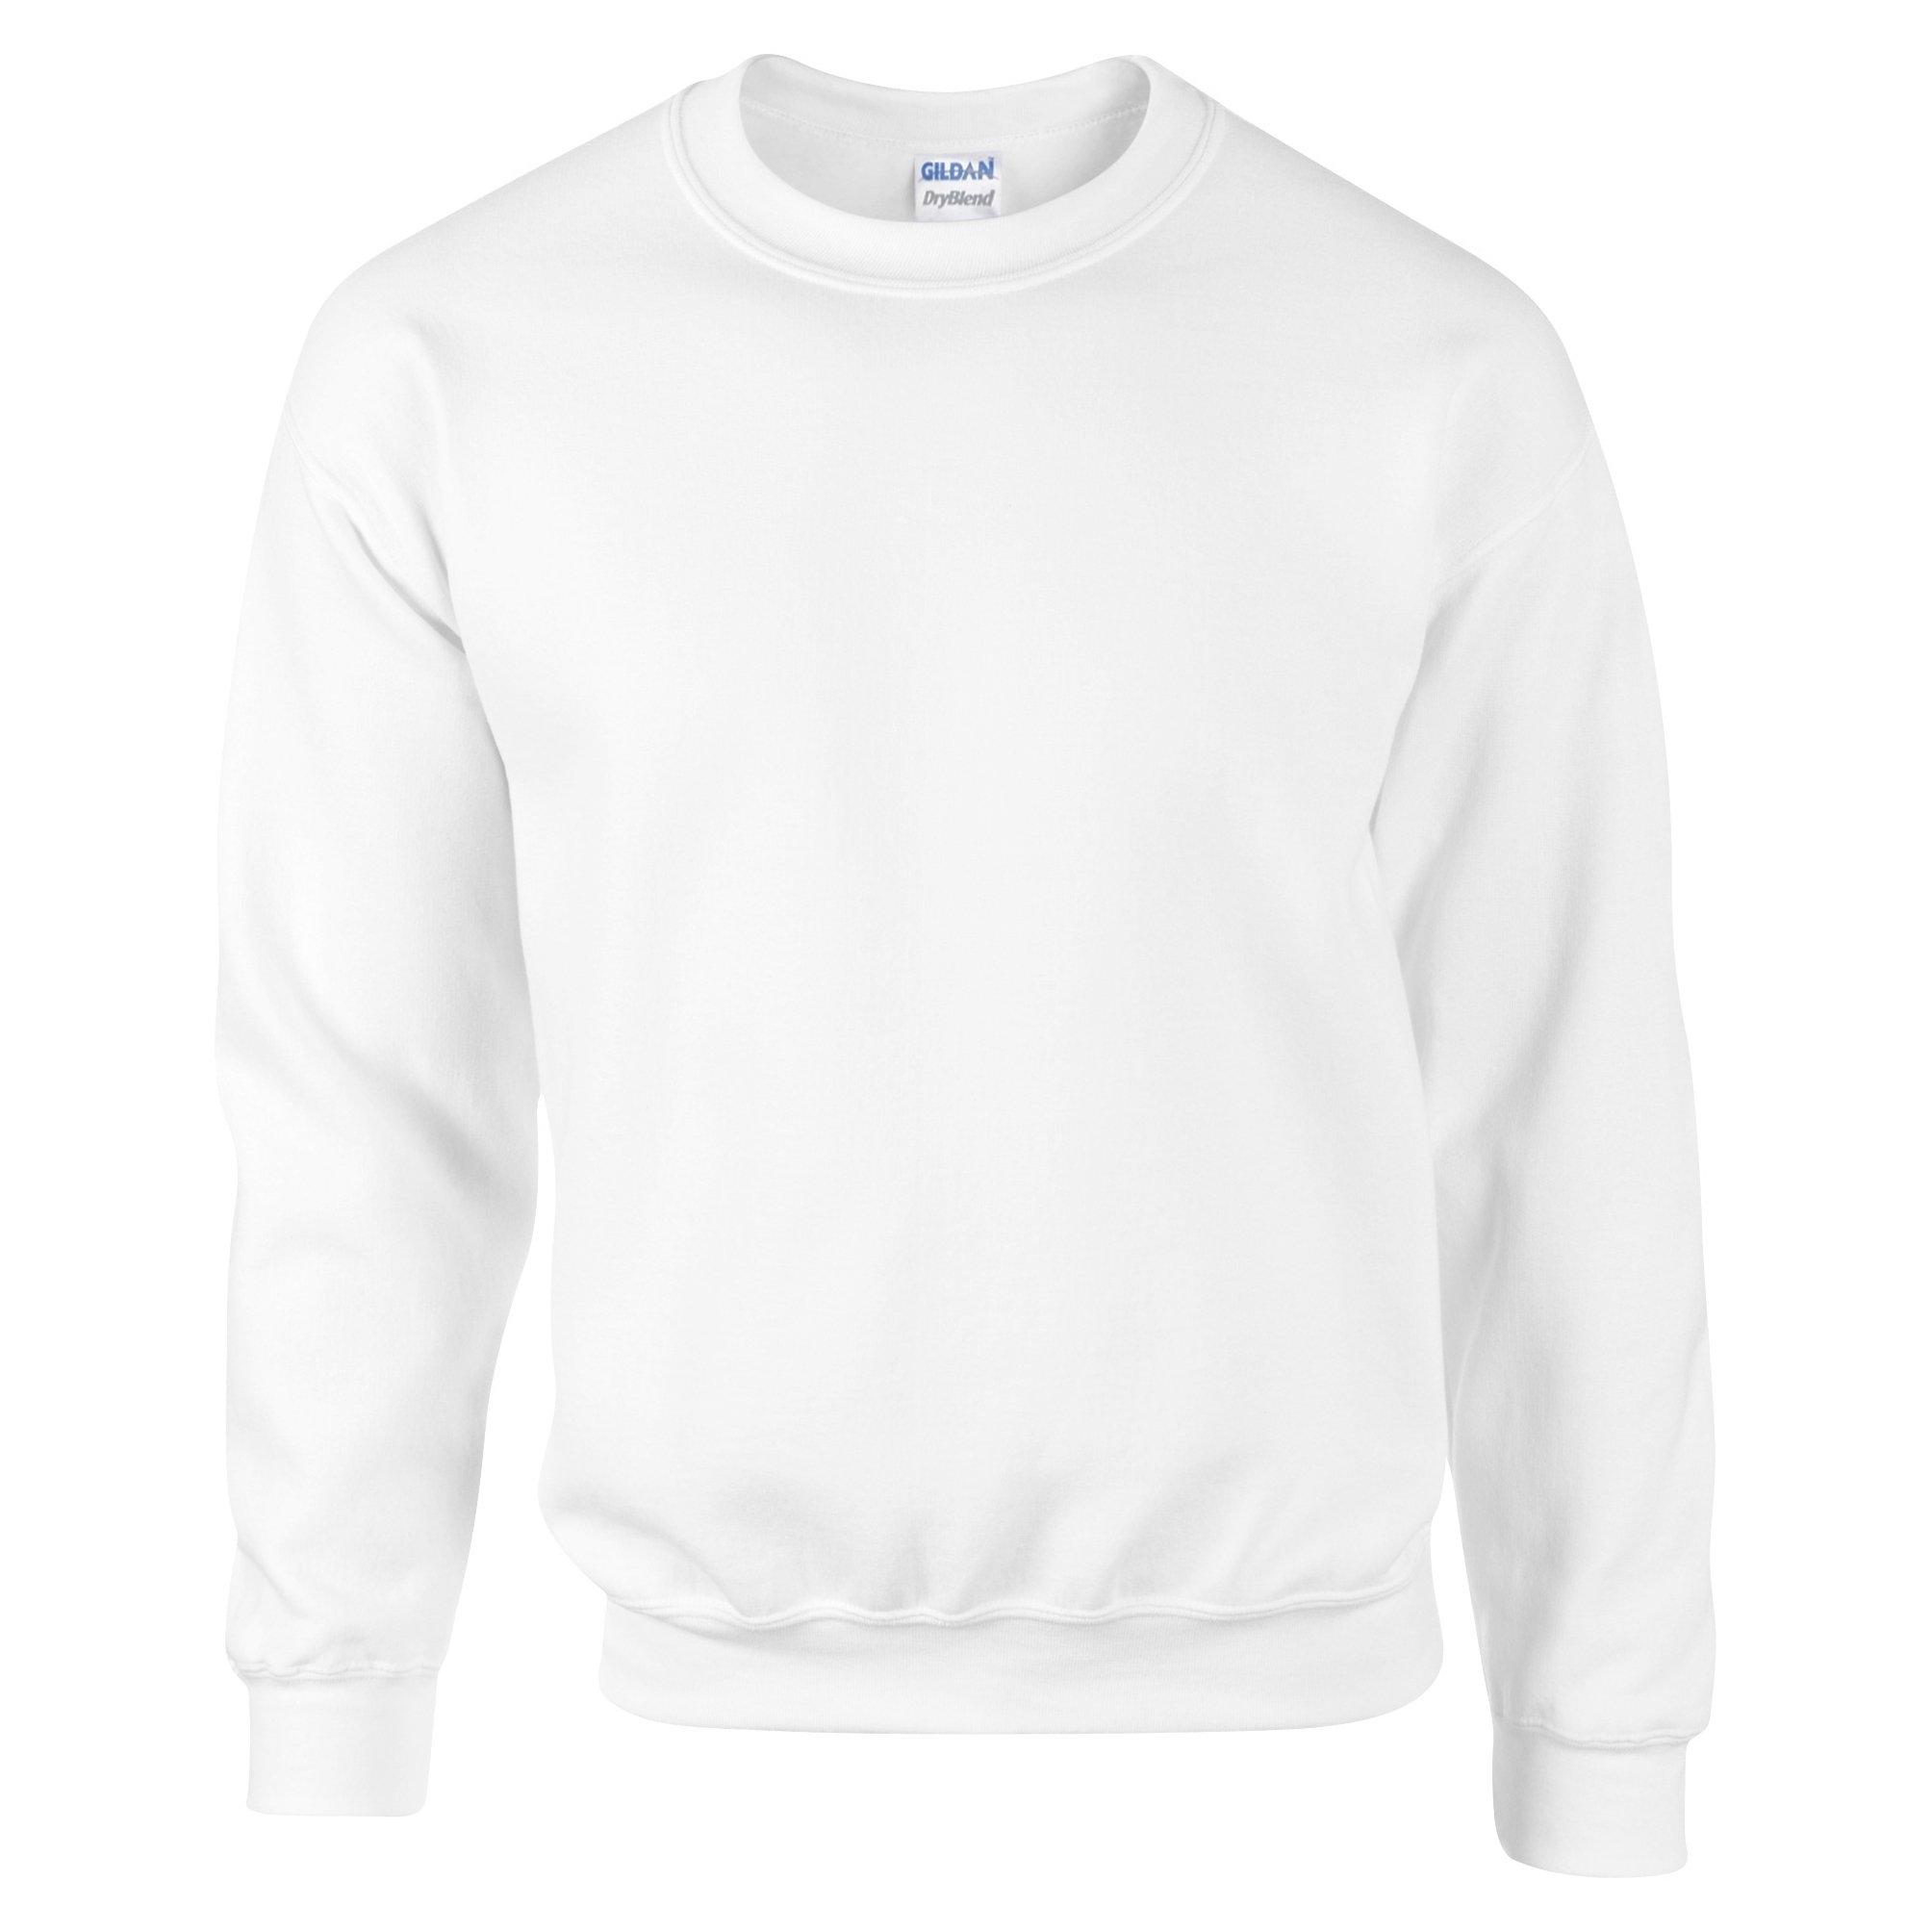 Gildan trui met ronde hals »DryBlend Sweatshirt / Pullover mit Rundhalsausschnitt« bestellen: 30 dagen bedenktijd